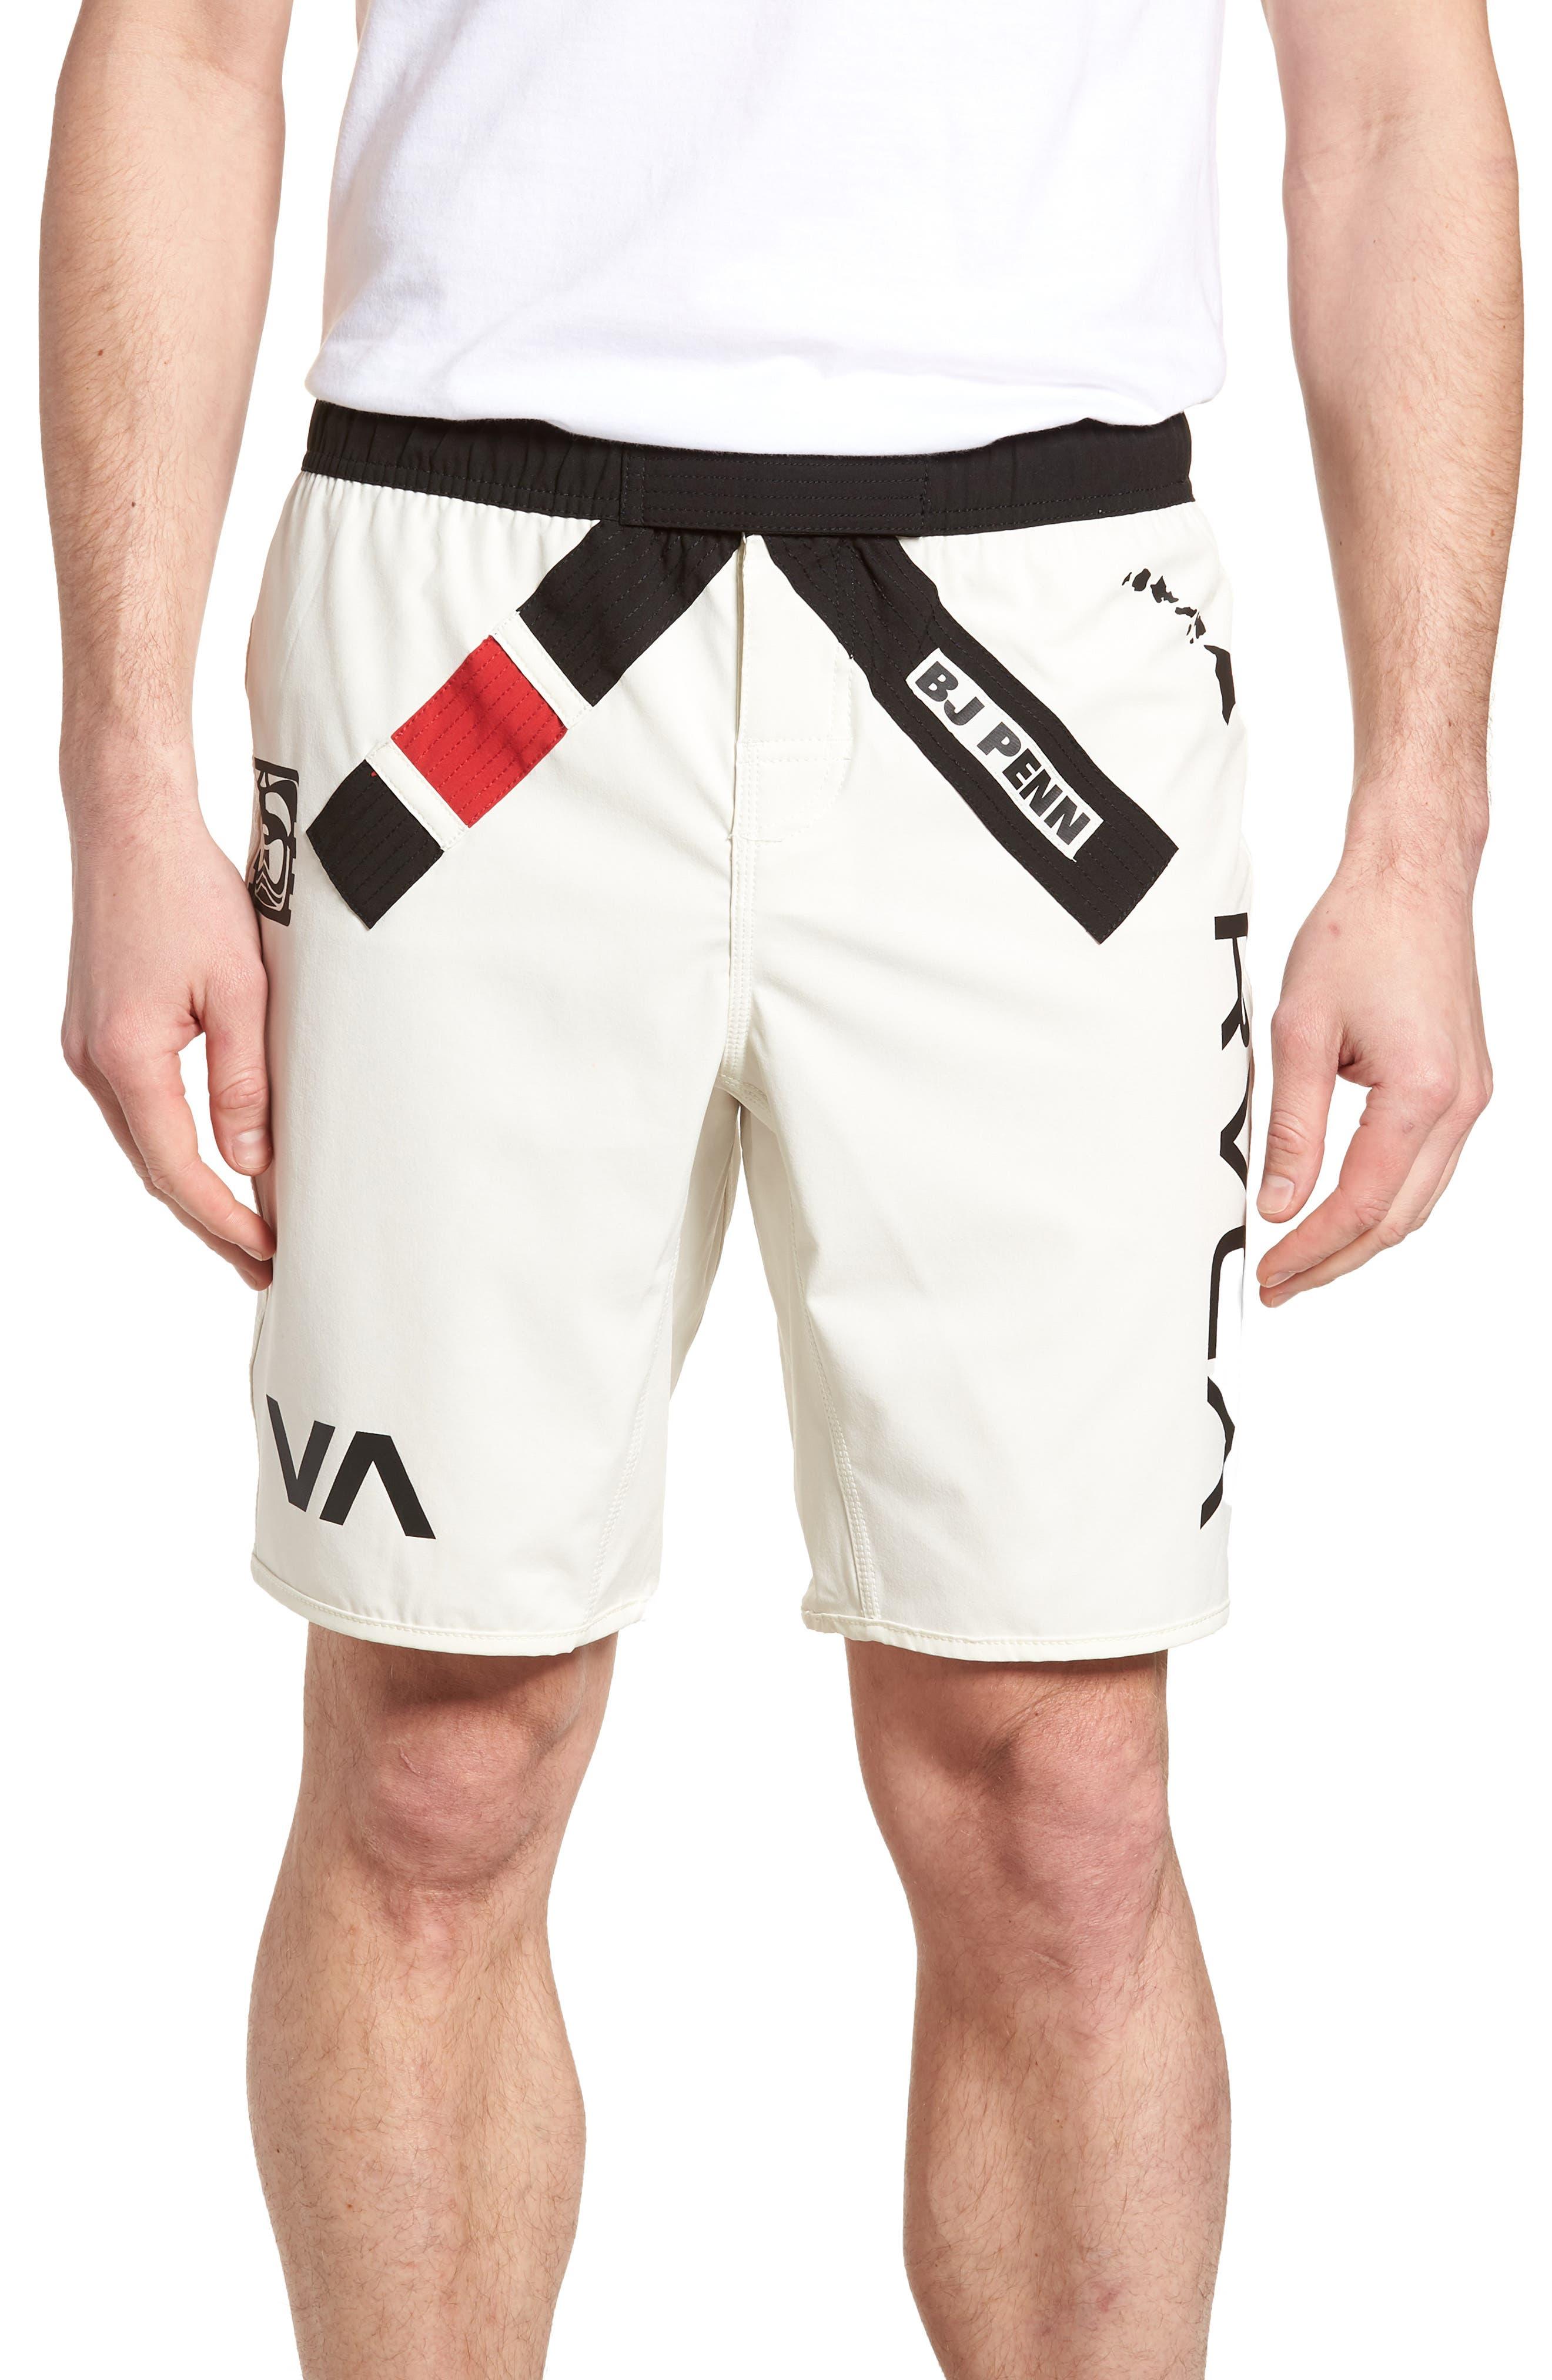 BJ Penn Legend Shorts,                             Main thumbnail 1, color,                             WHITE